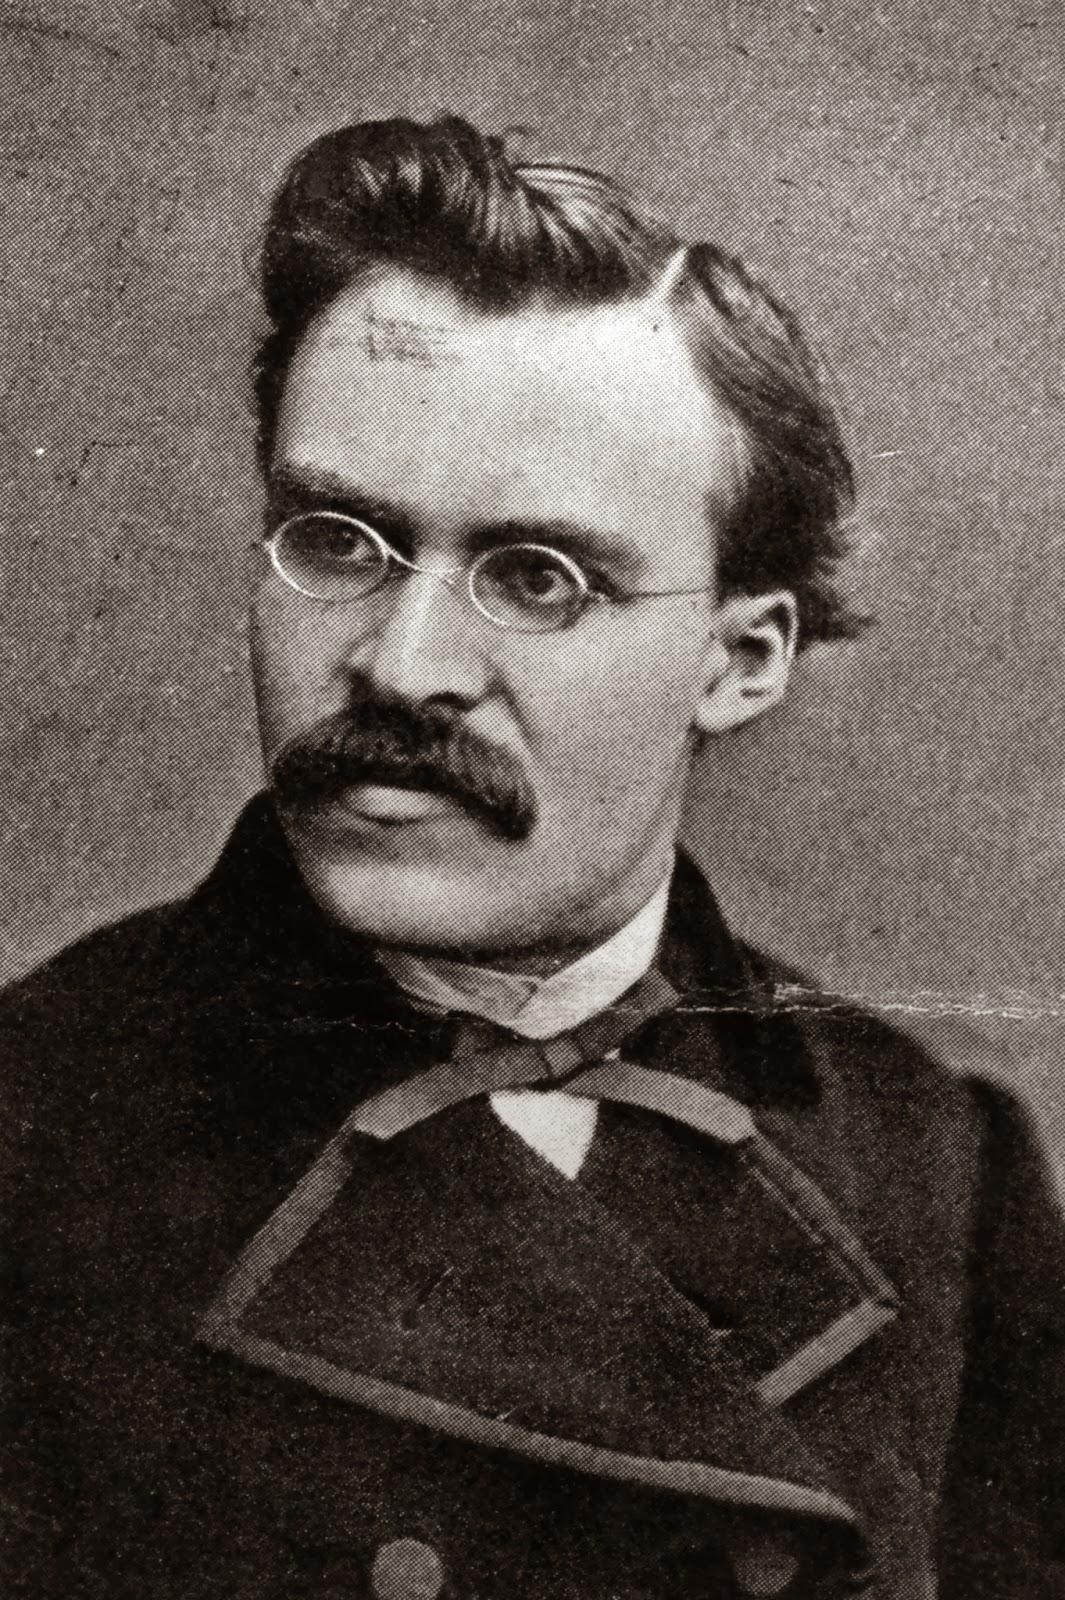 La mujer en Nietzsche 3, Tomás Moreno, Ancile